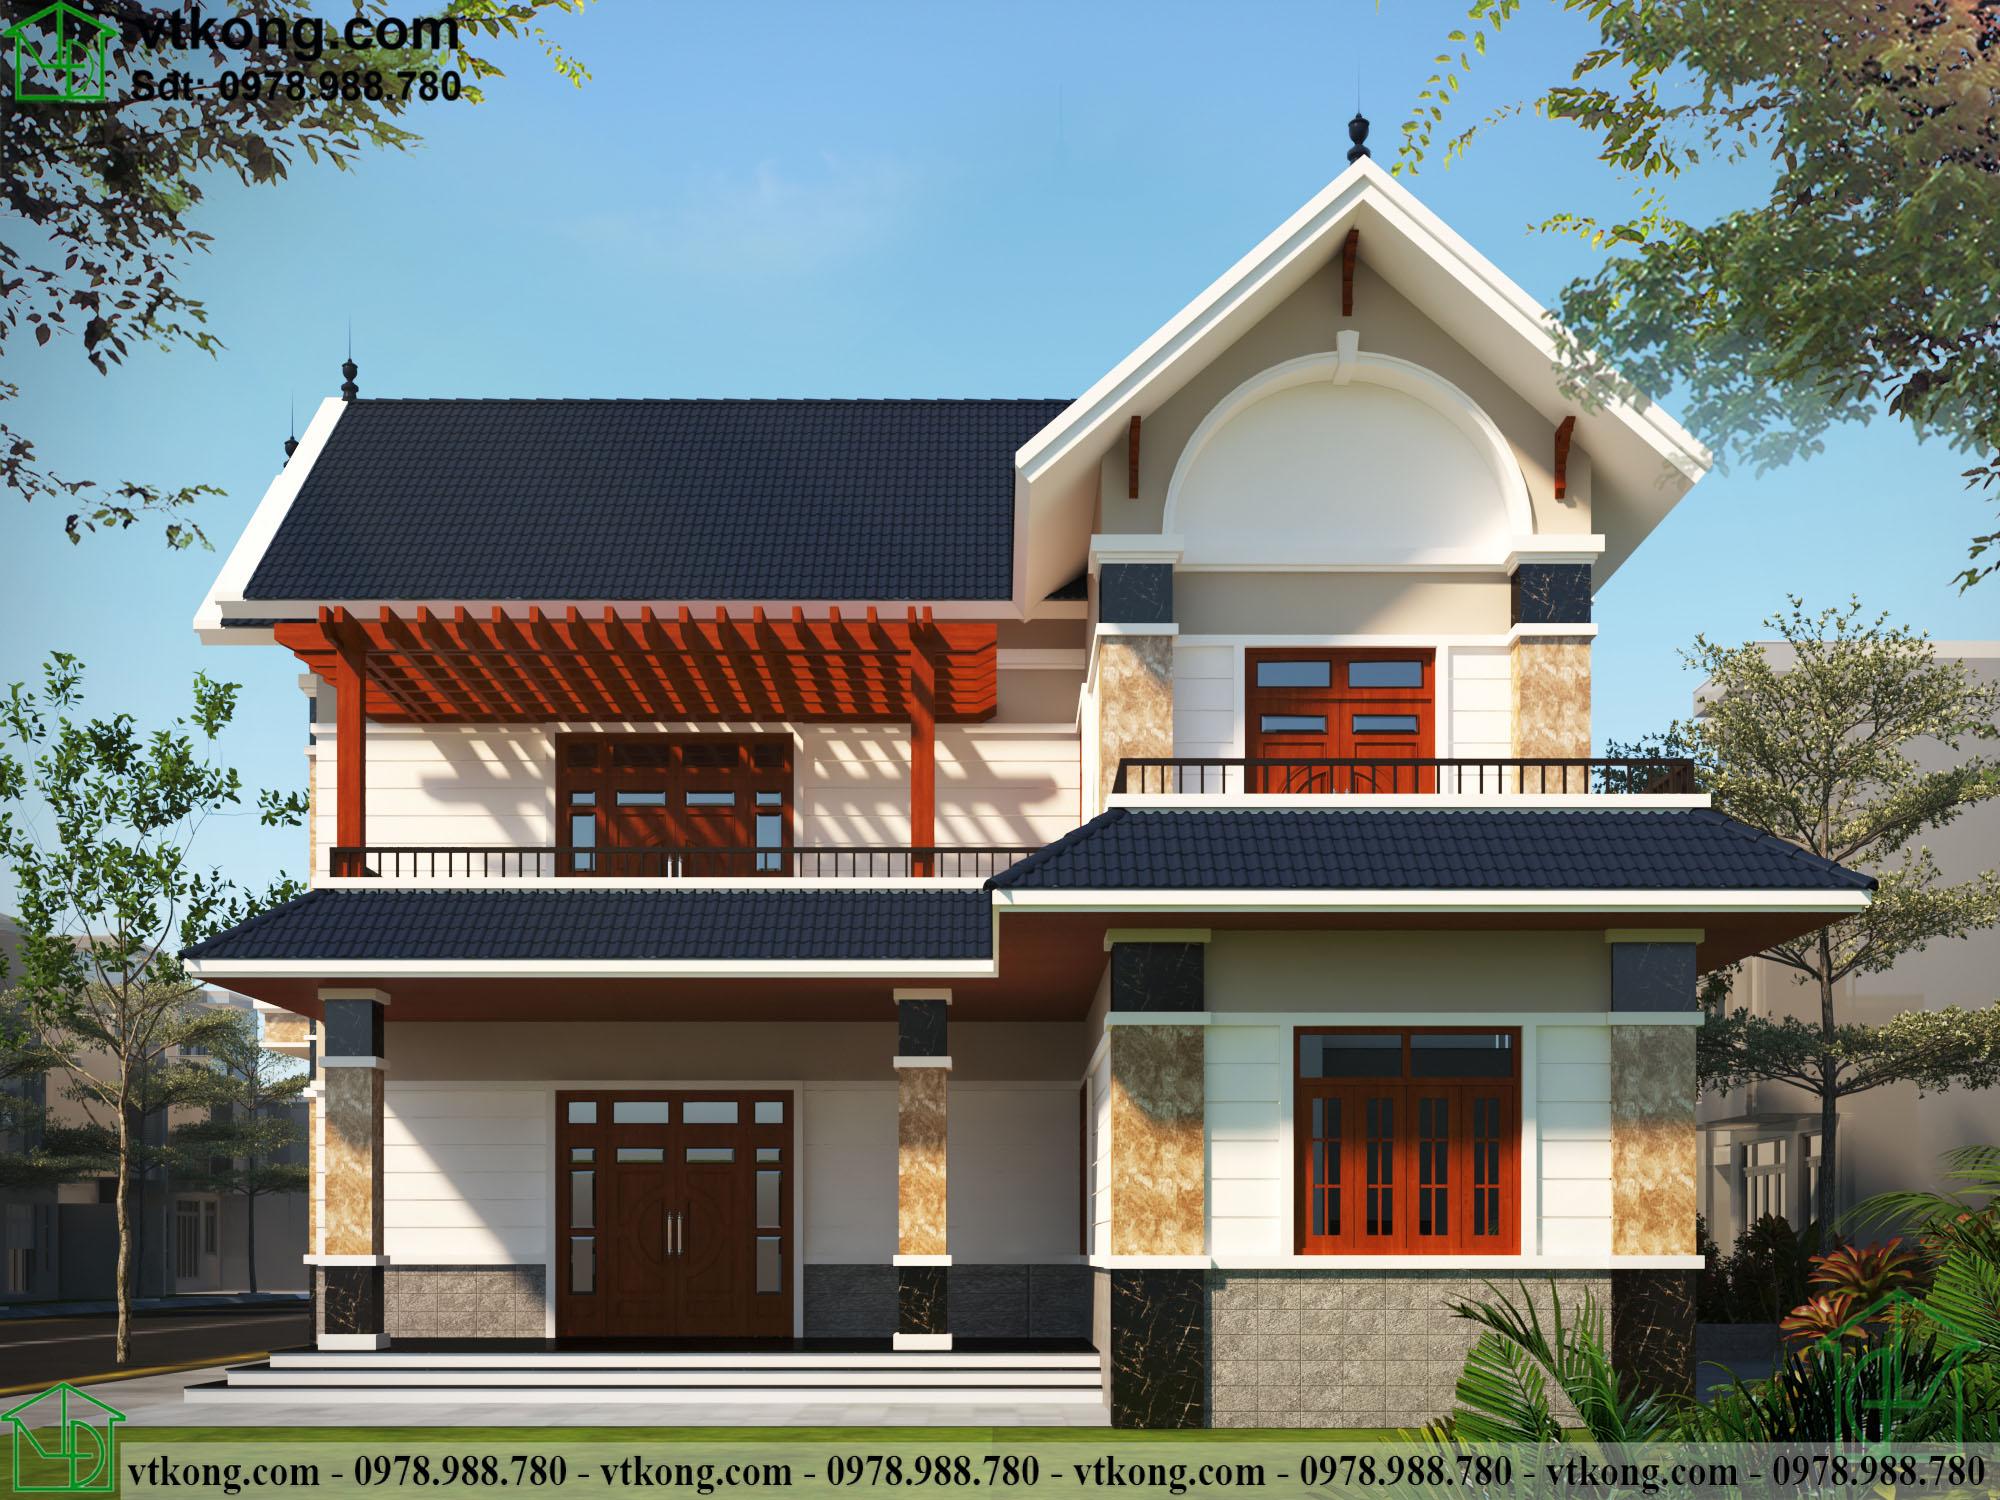 Mẫu thiết kế biệt thự 2 tầng chữ L 14x16m đẹp BT2T61 2